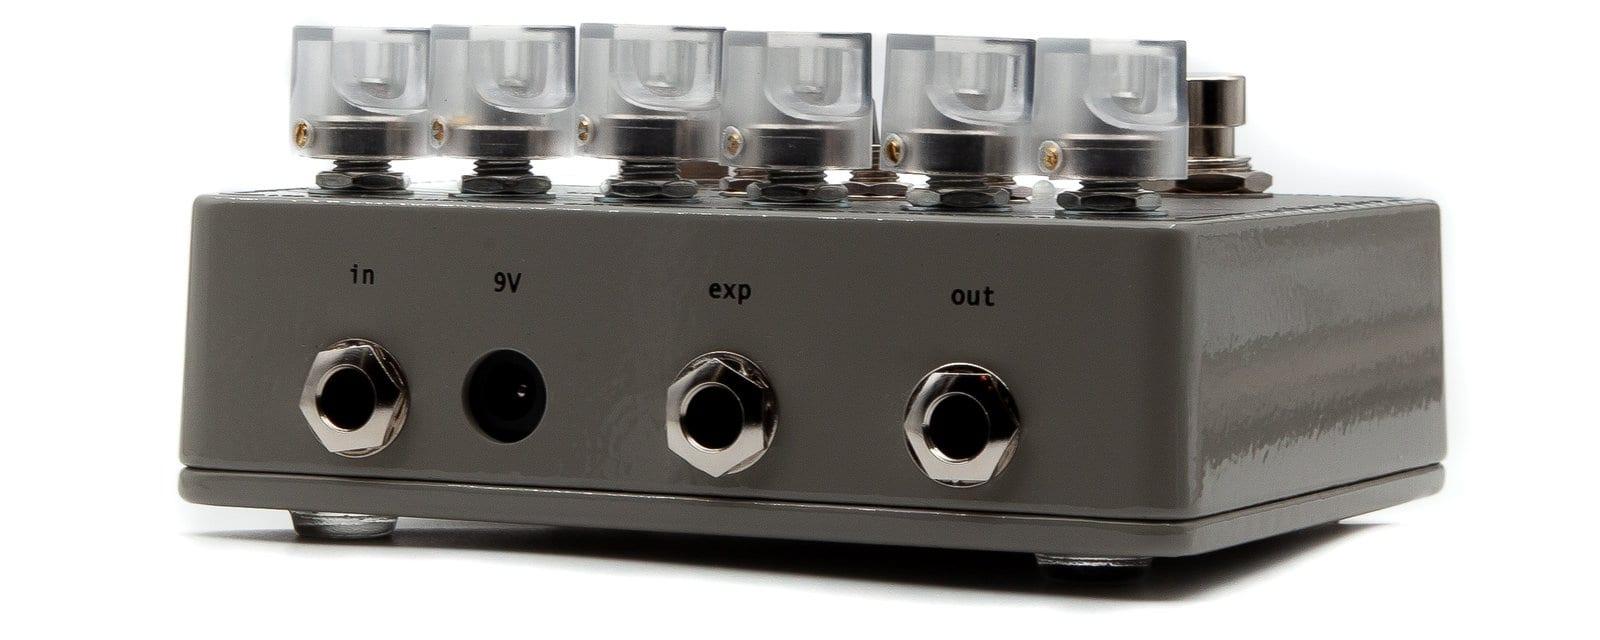 Jacks y entrada de pedal de expresión en la parte superior del SolidGoldFX NU-33 Vinyl Engine